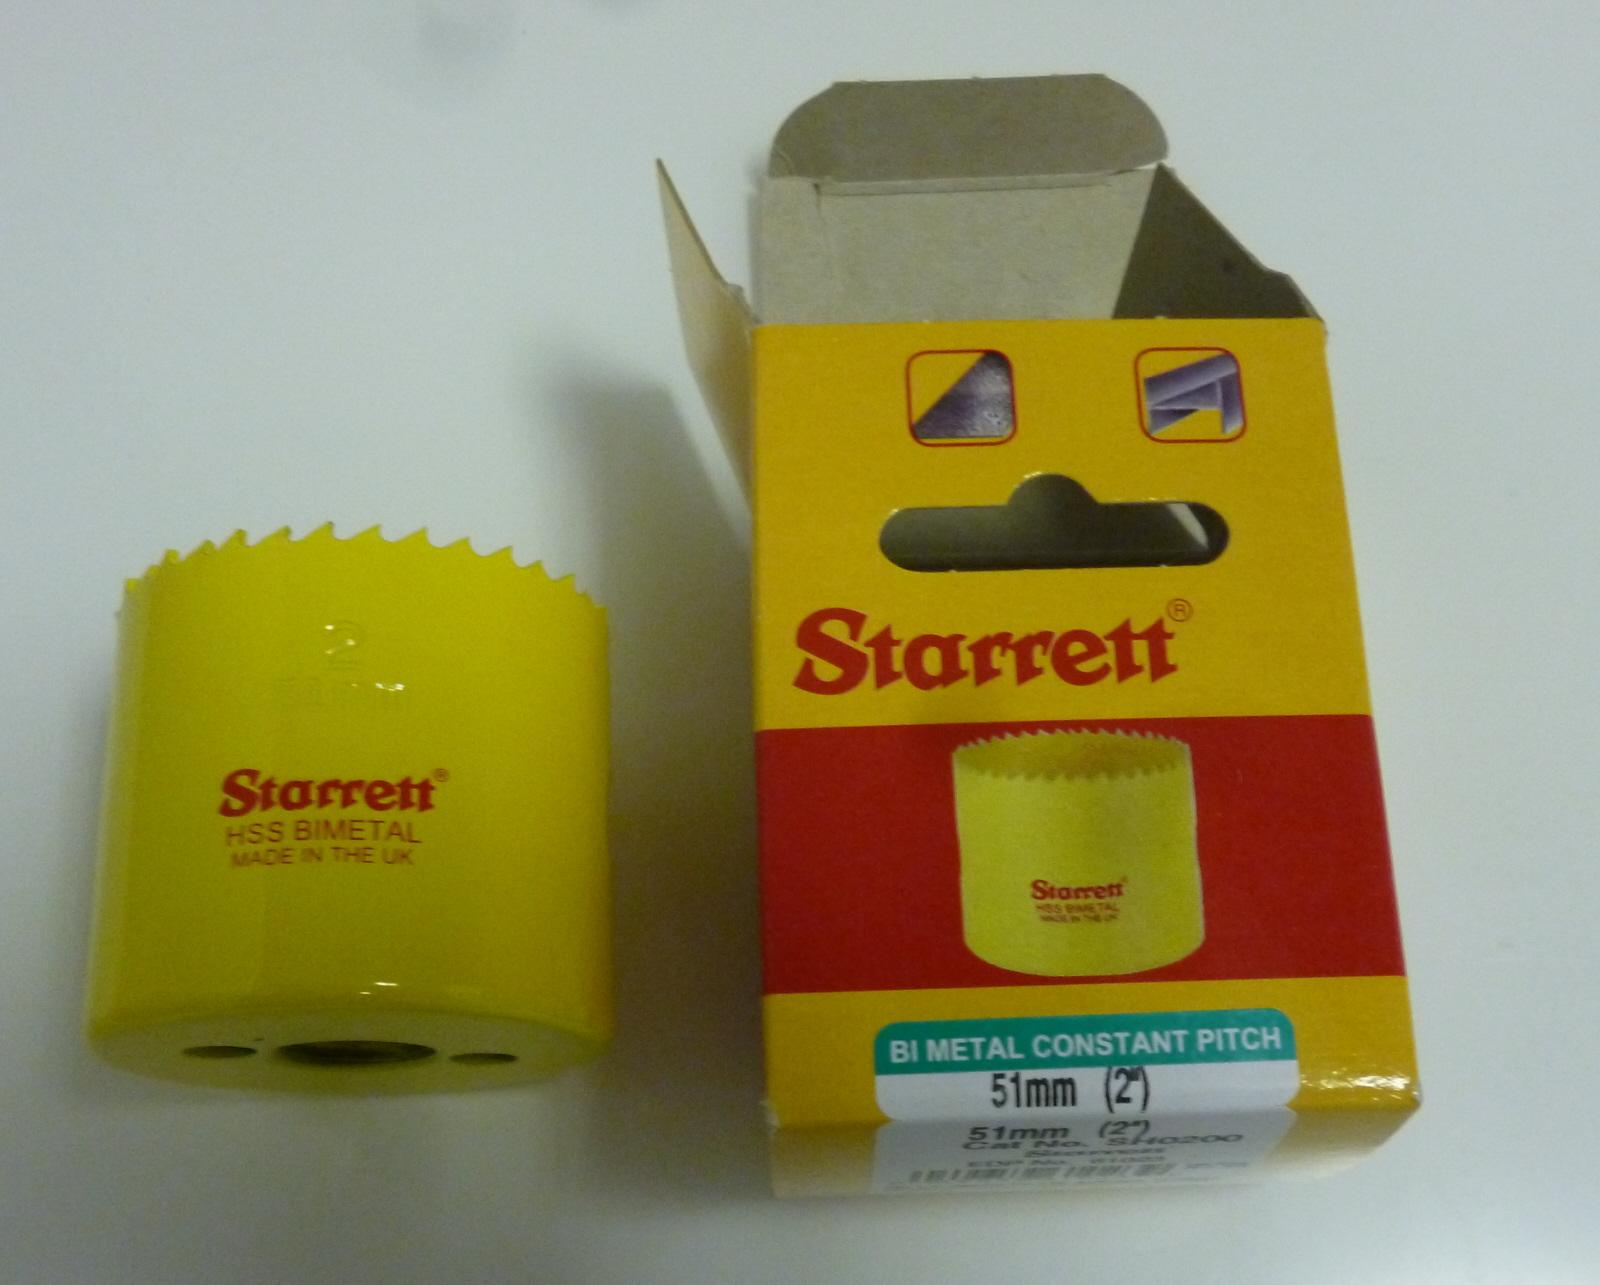 Starrett SH0200 Bi Metal Hole saw 51mm